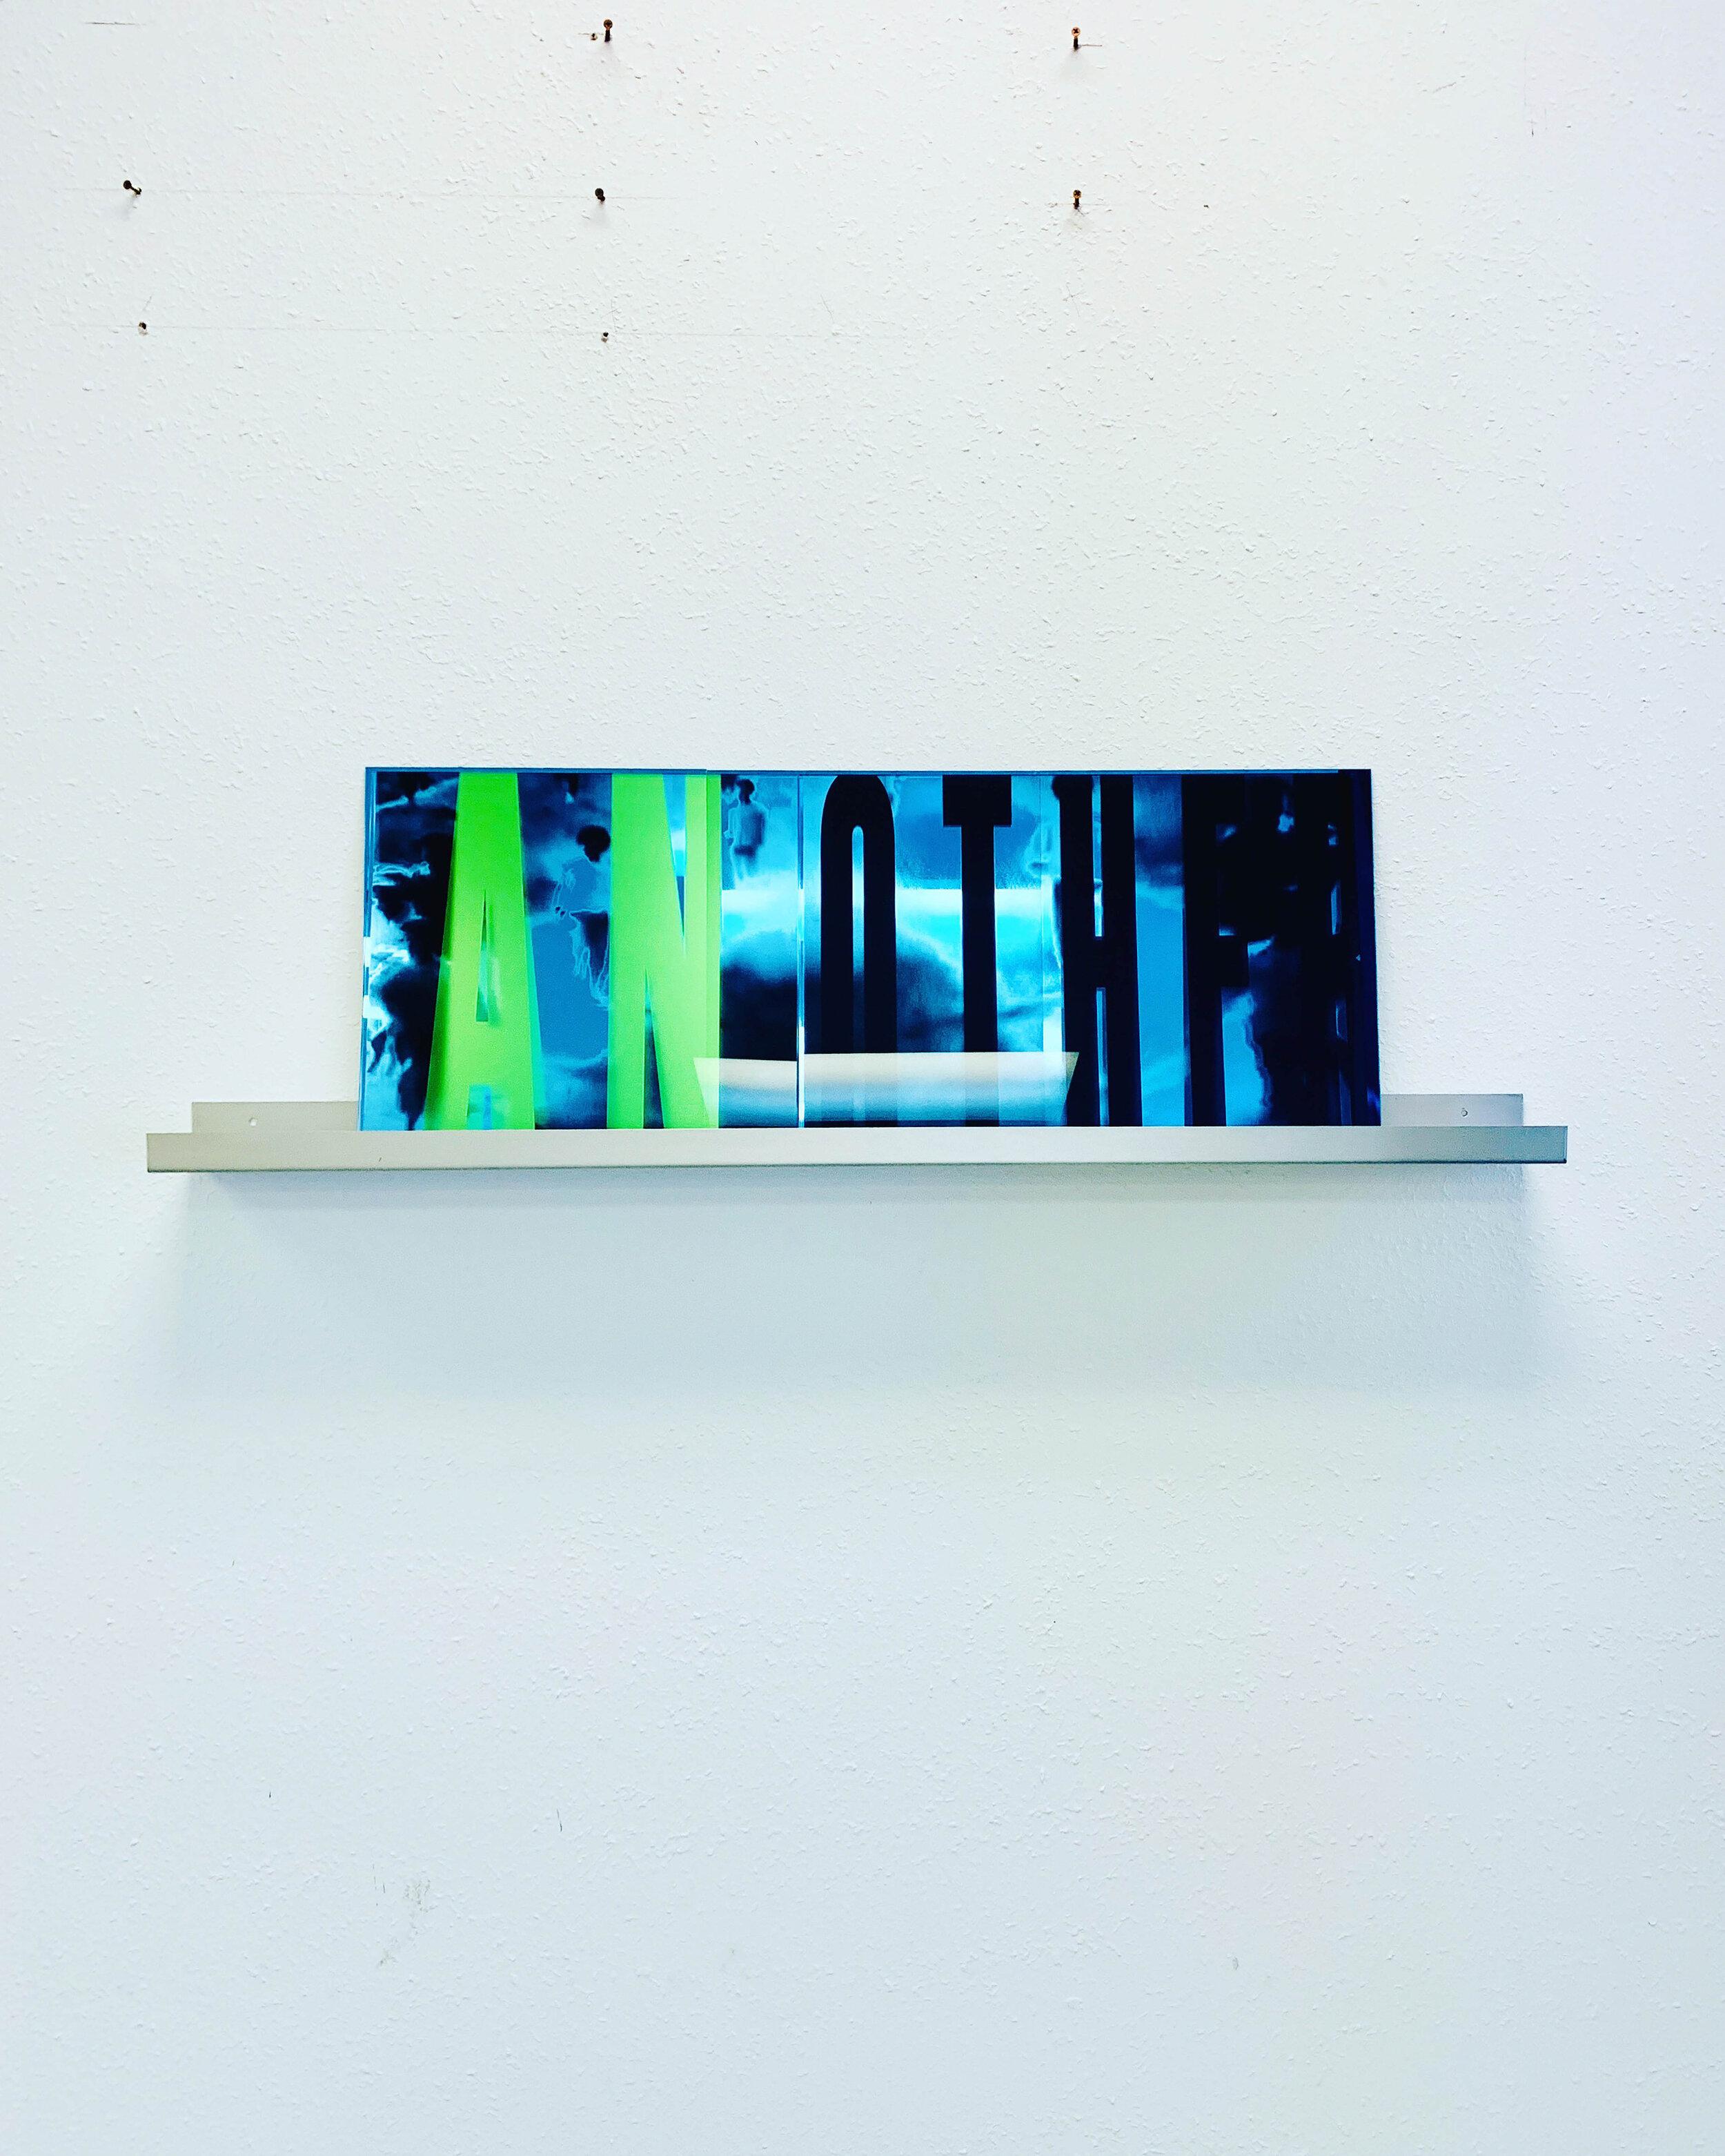 5_Bauer_A NOTHER _UV ink plexiglass mirrored plexi_2019_48inx16inx4in.jpg